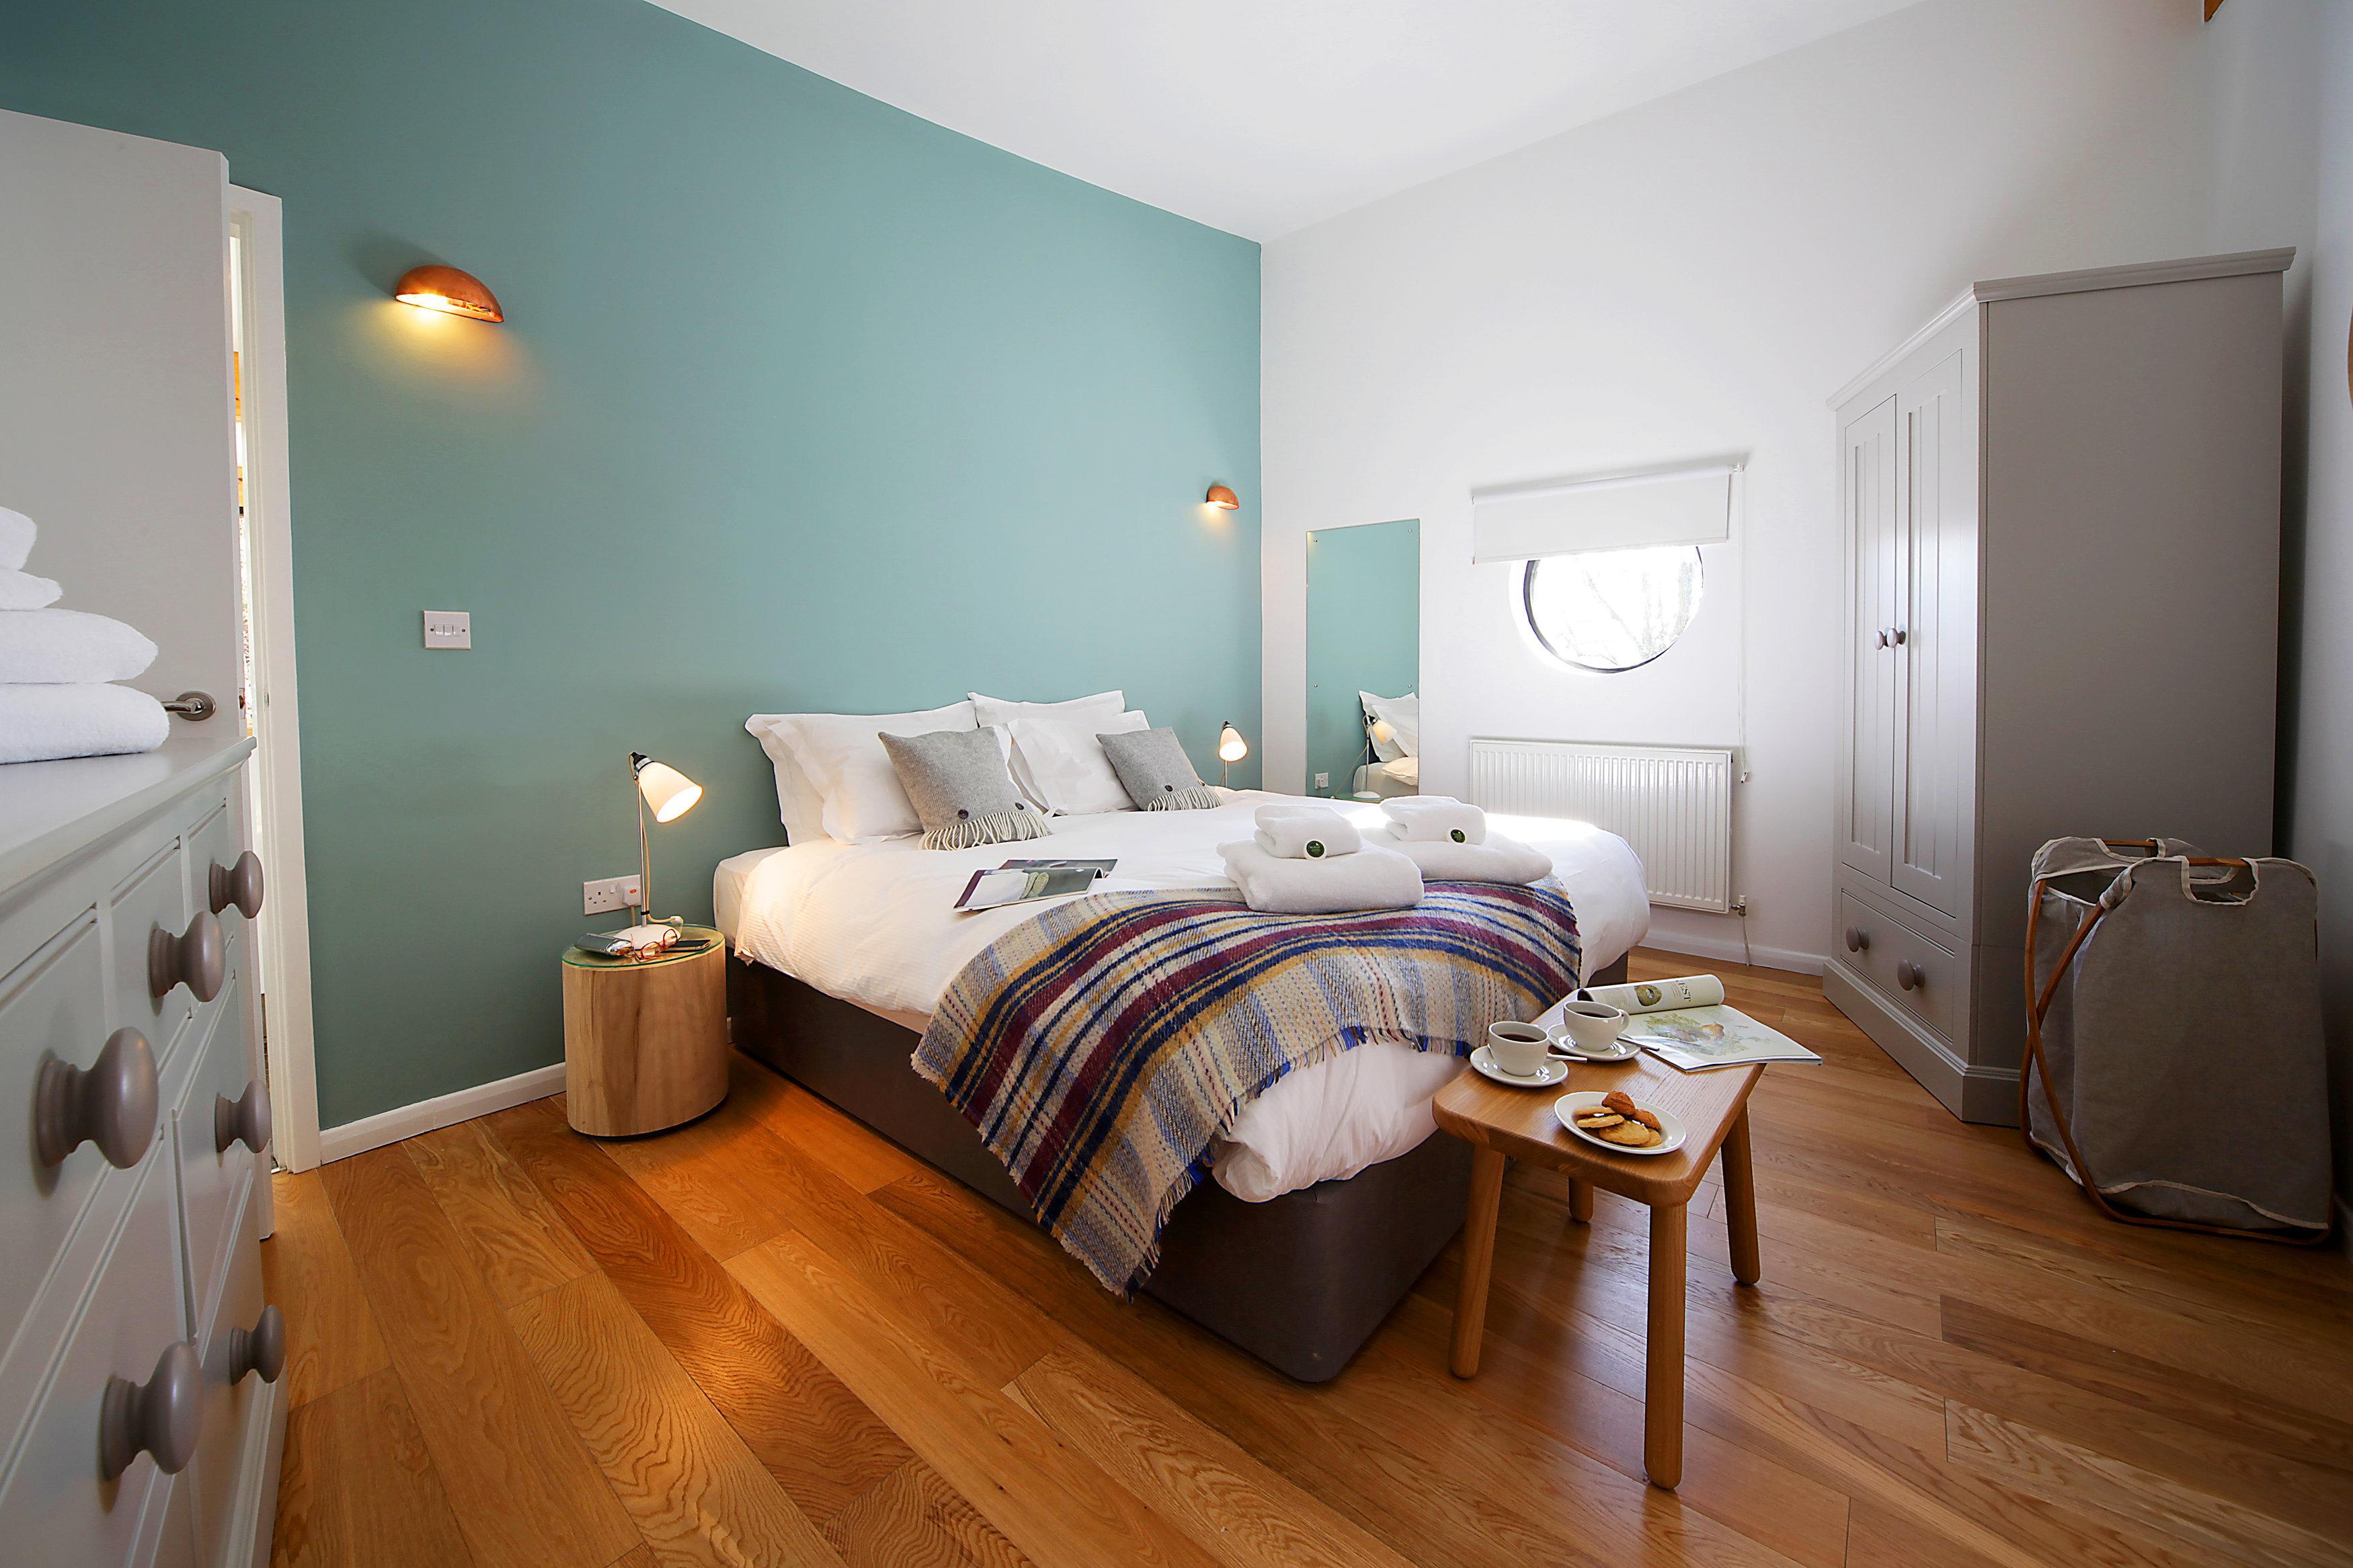 Schlafzimmer wandgestaltung ideen  Schlafzimmer Wandgestaltung • Bilder & Ideen • COUCH...